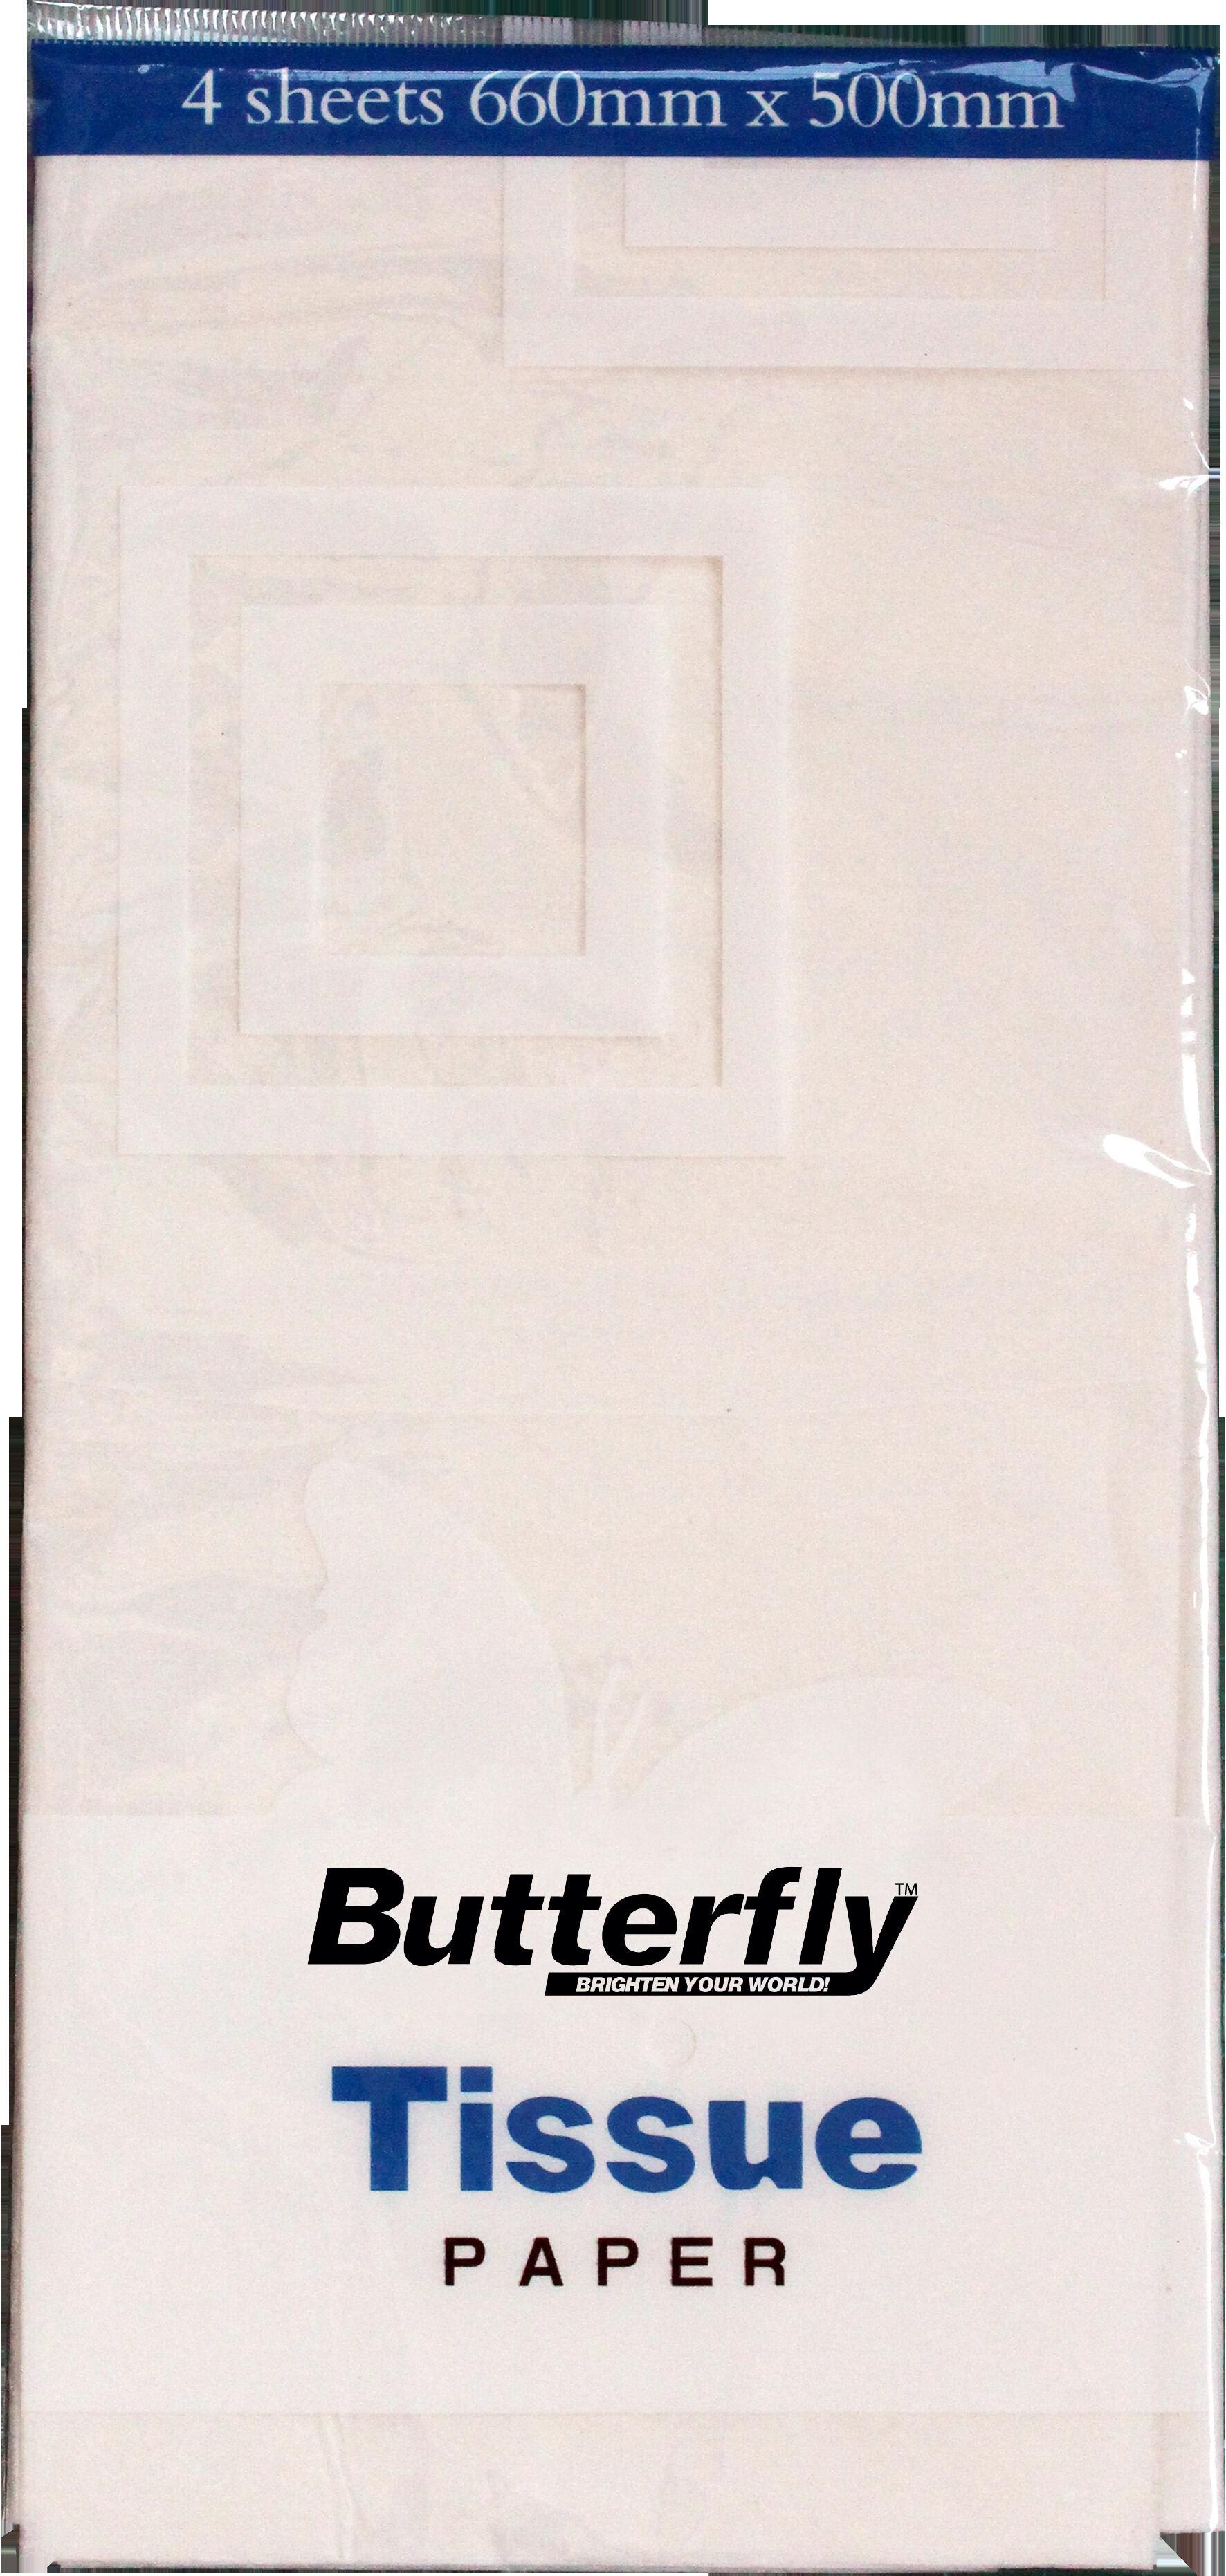 Tissue Paper - 4 Sheets (660 x 500mm) White